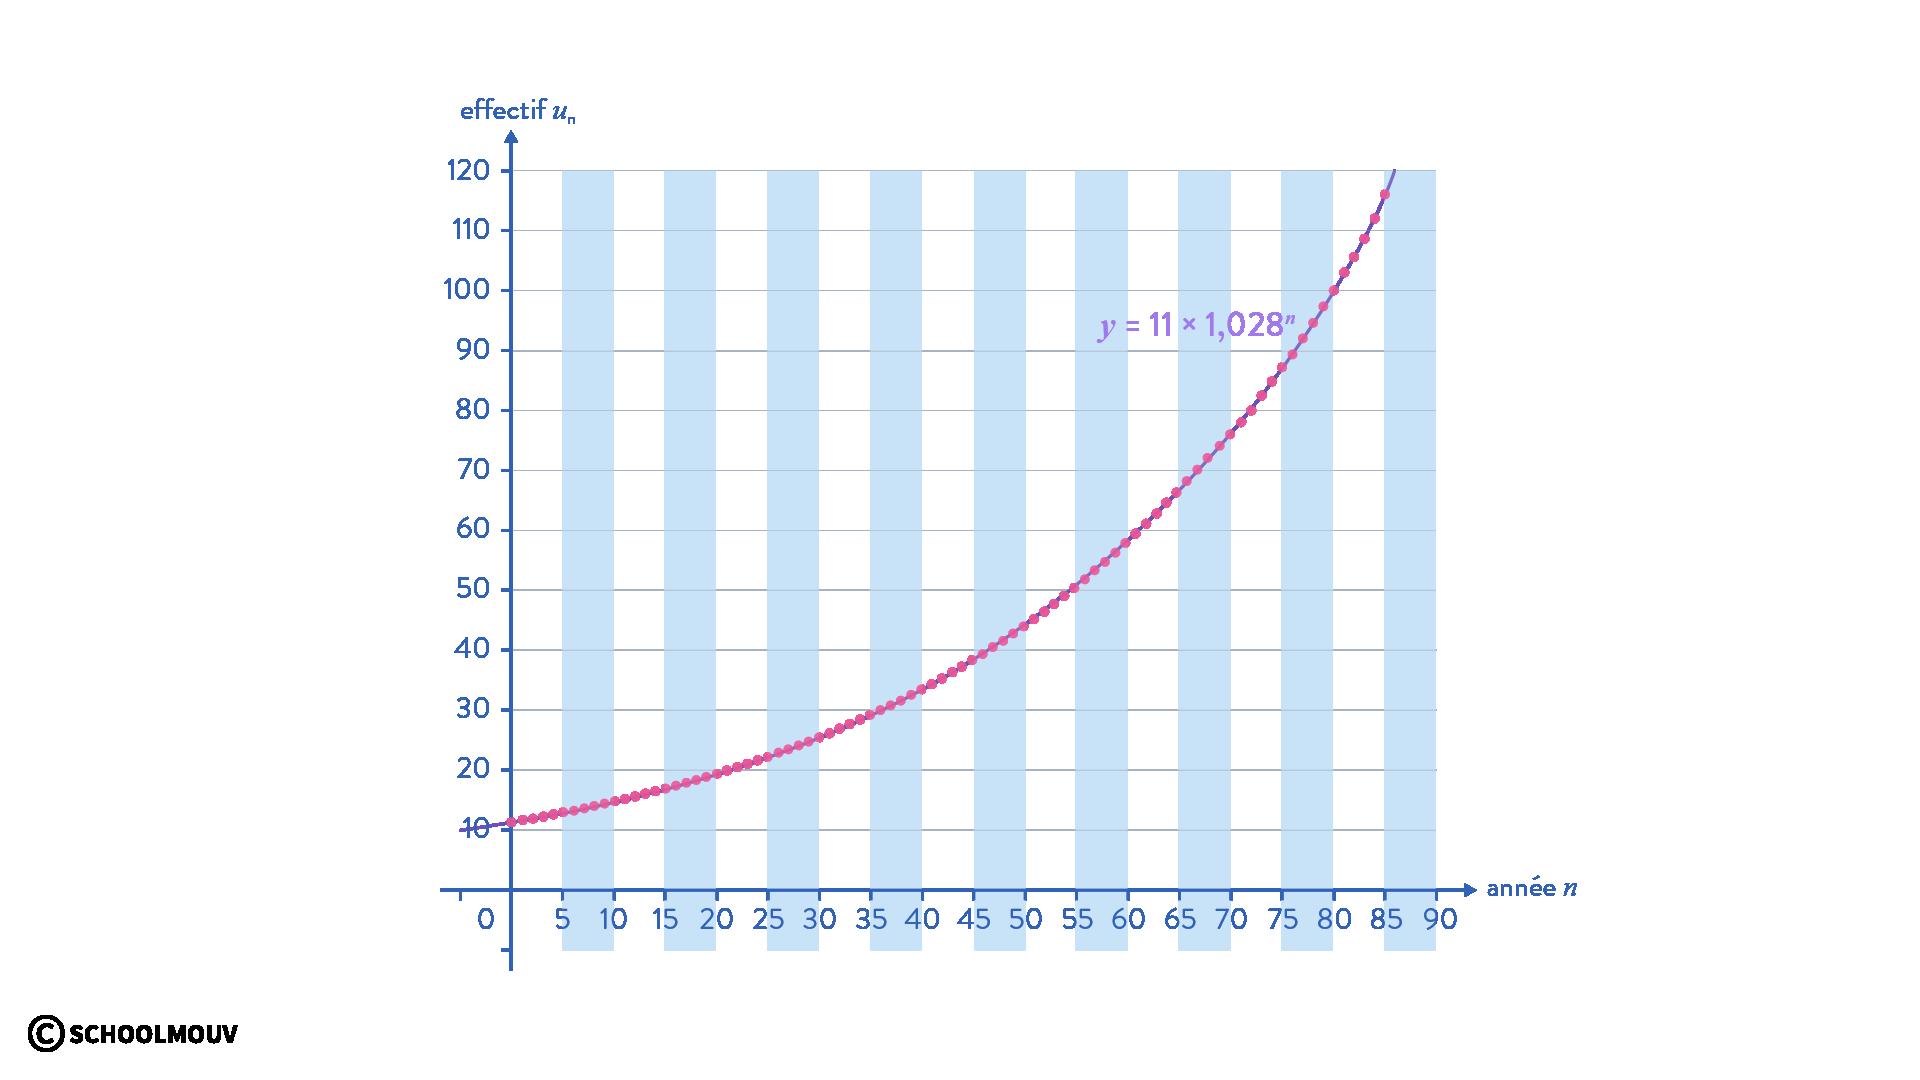 modèle exponentiel